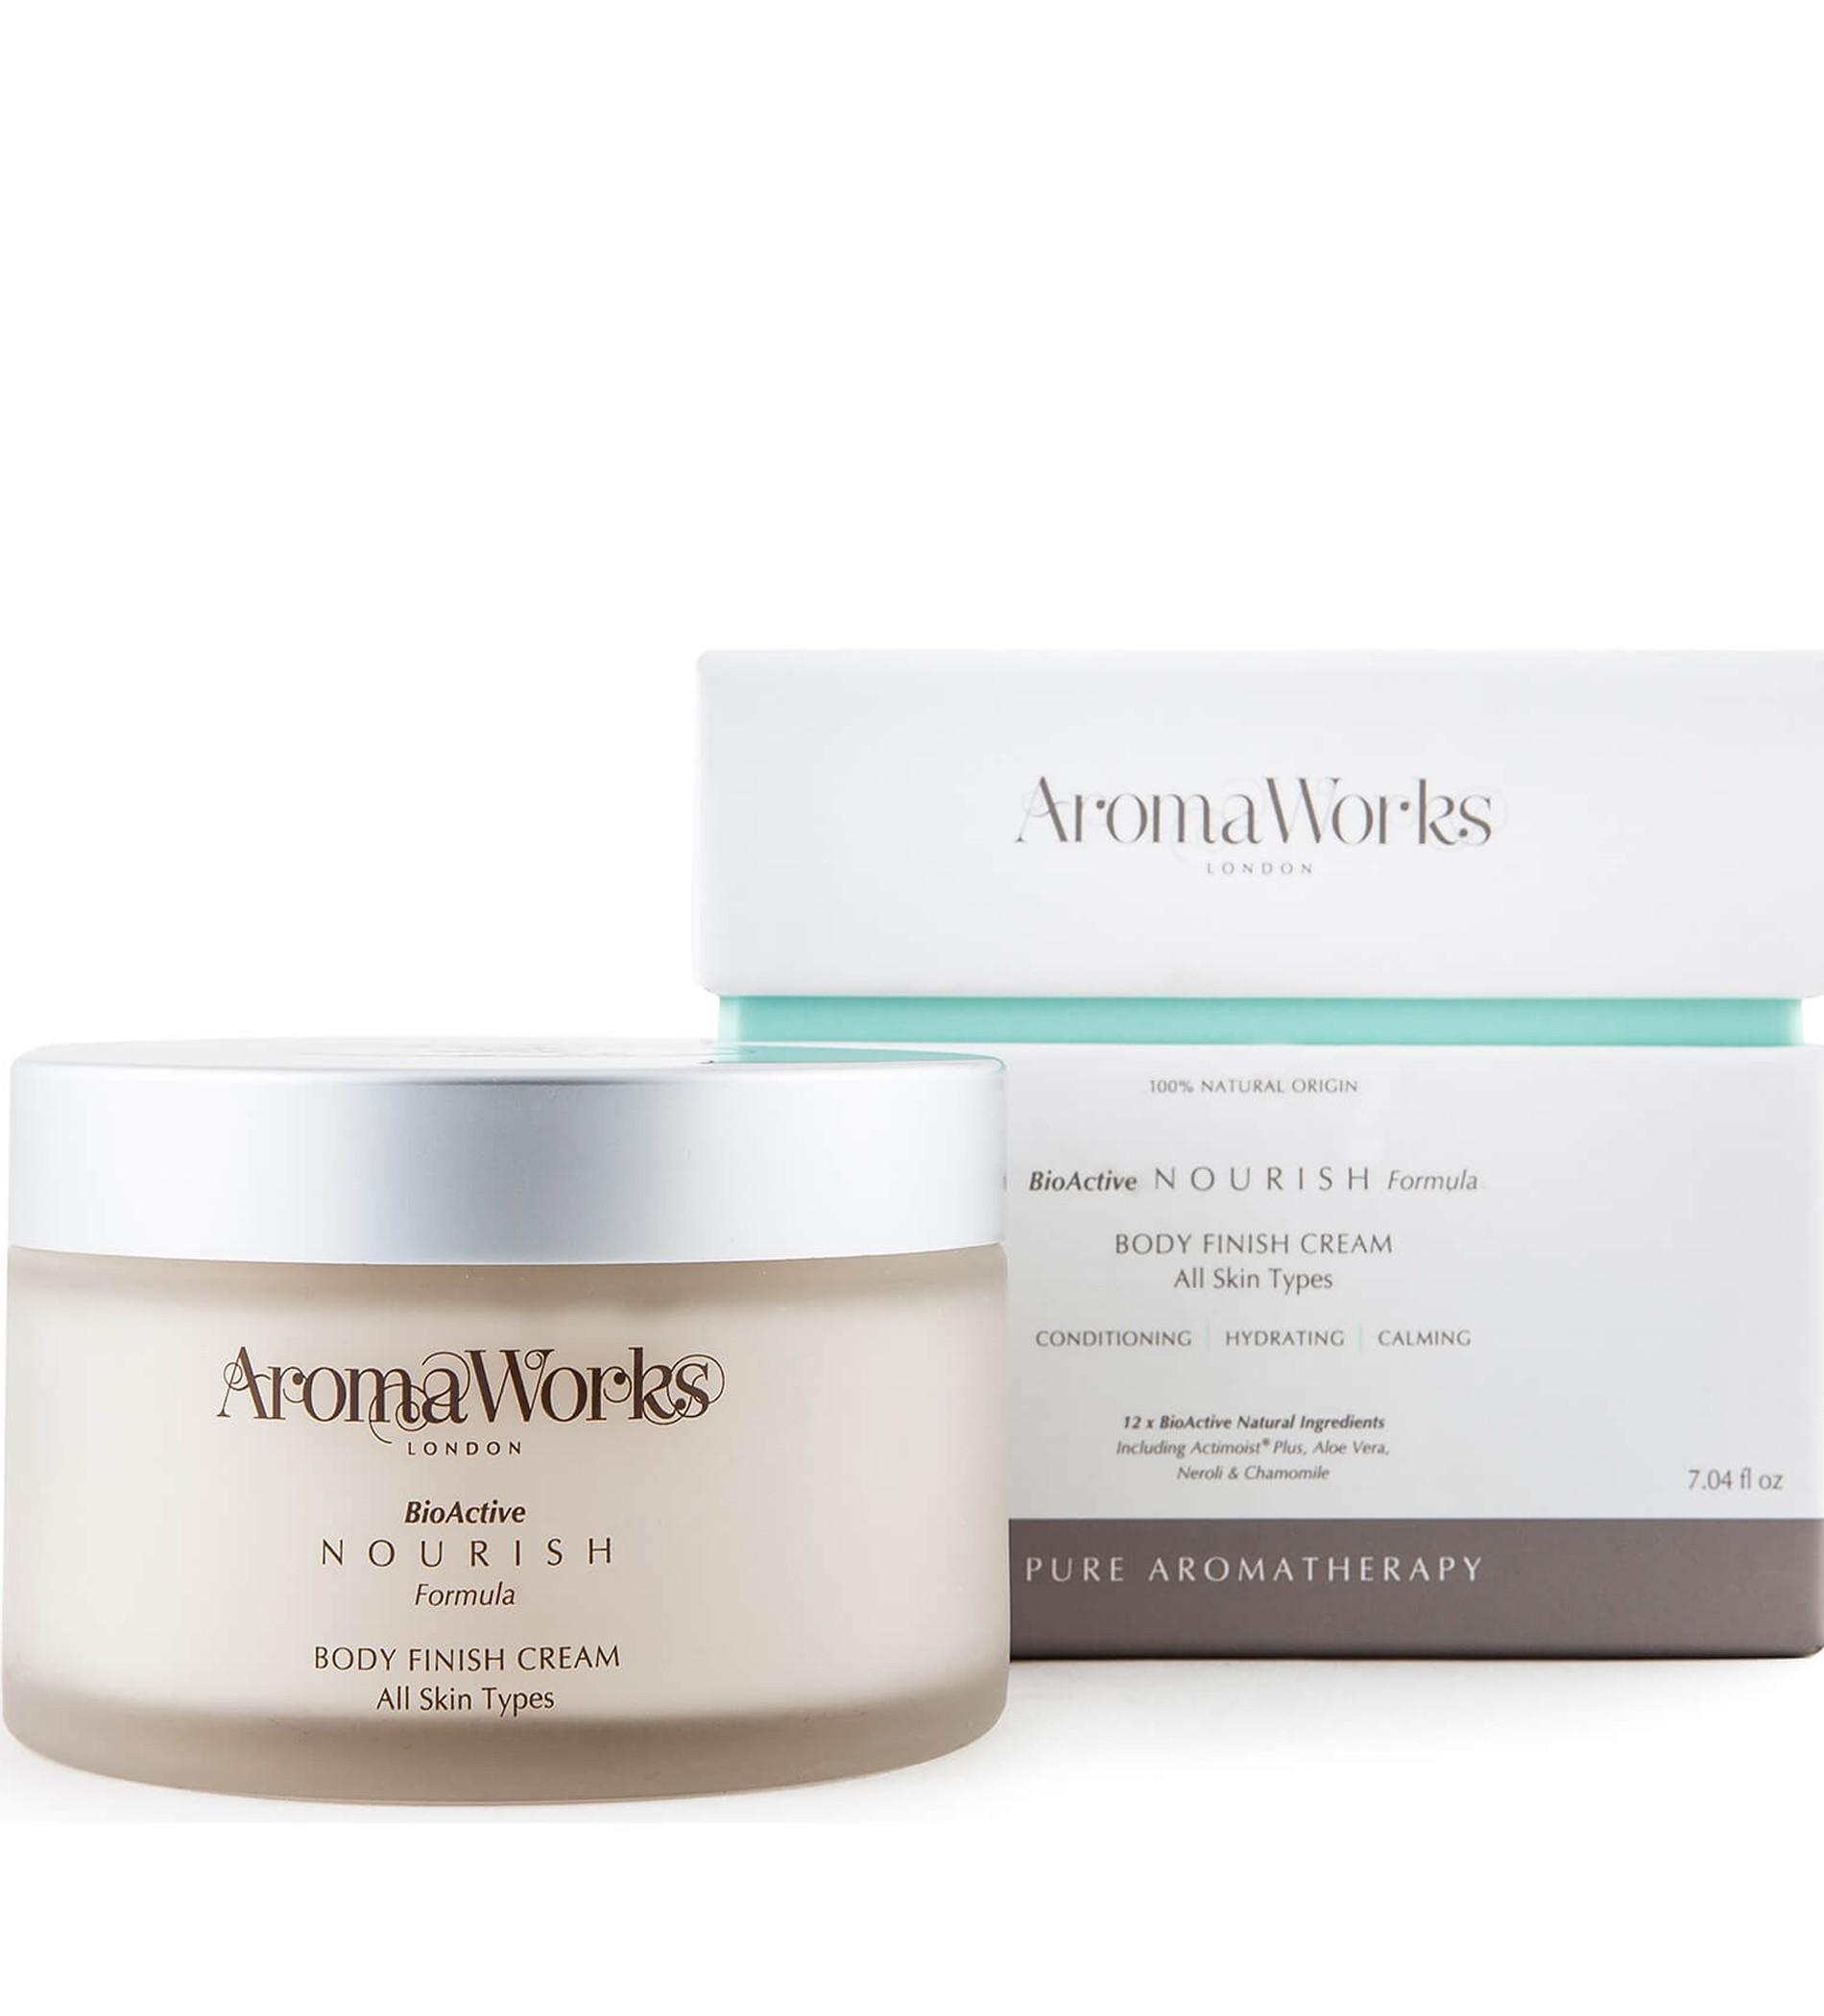 AromaWorks Body Finish Cream